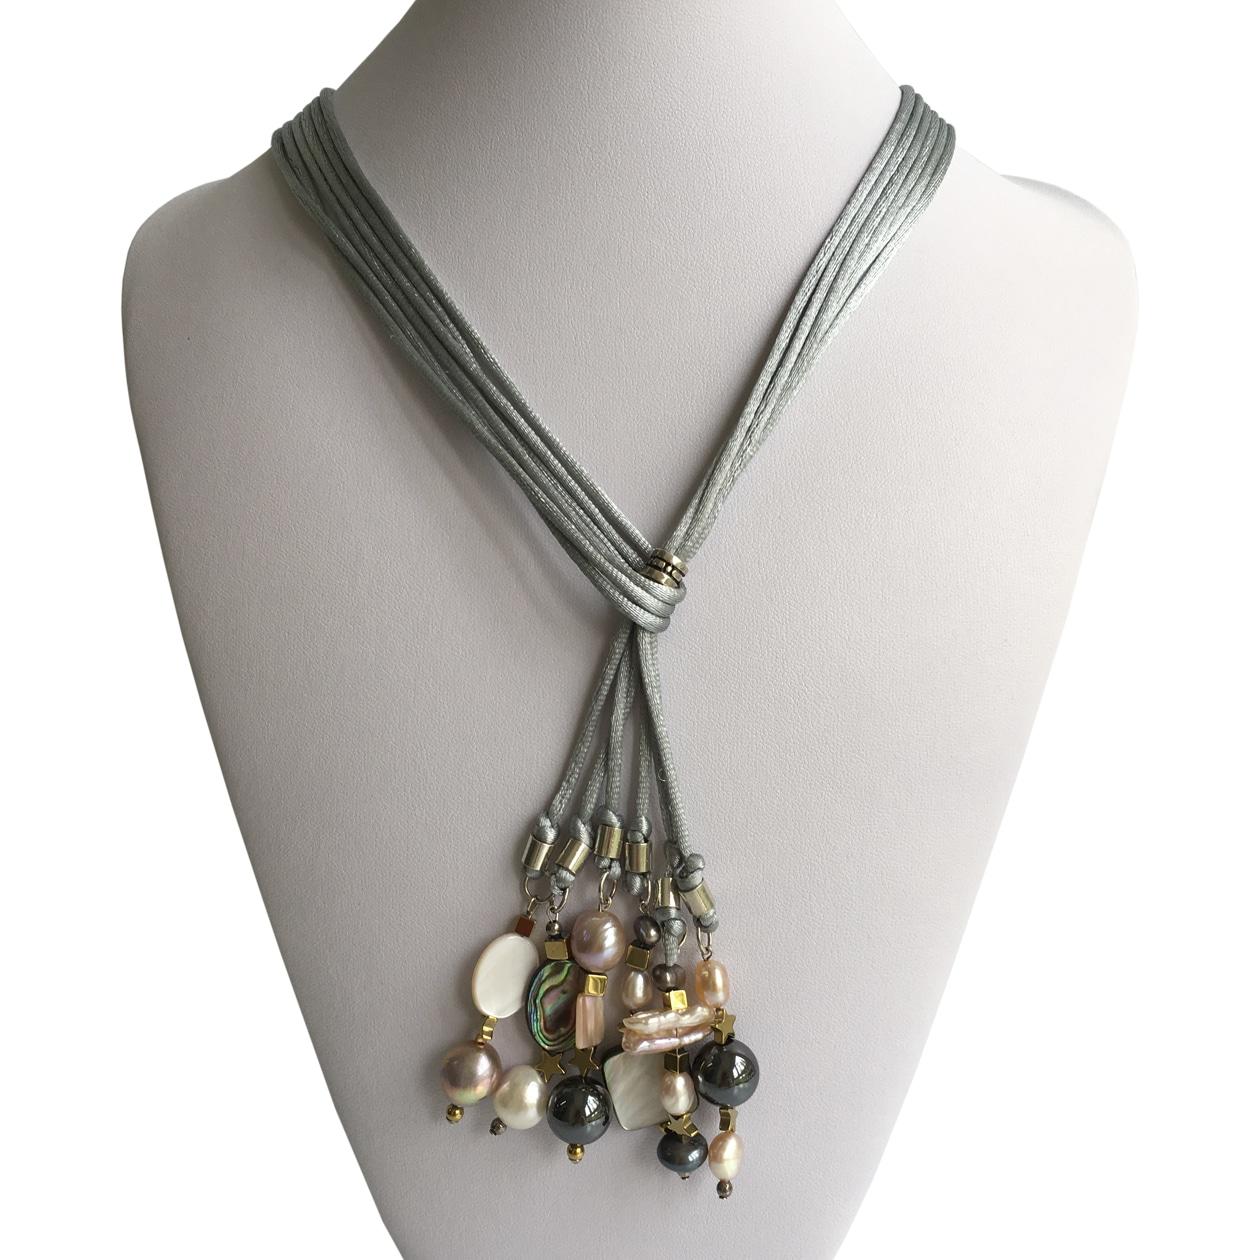 Collar ajustablecon cordones de seda gris, perlas varias, hematites, madreperla, nácar y plata 925, hecho a mano. Pieza única.